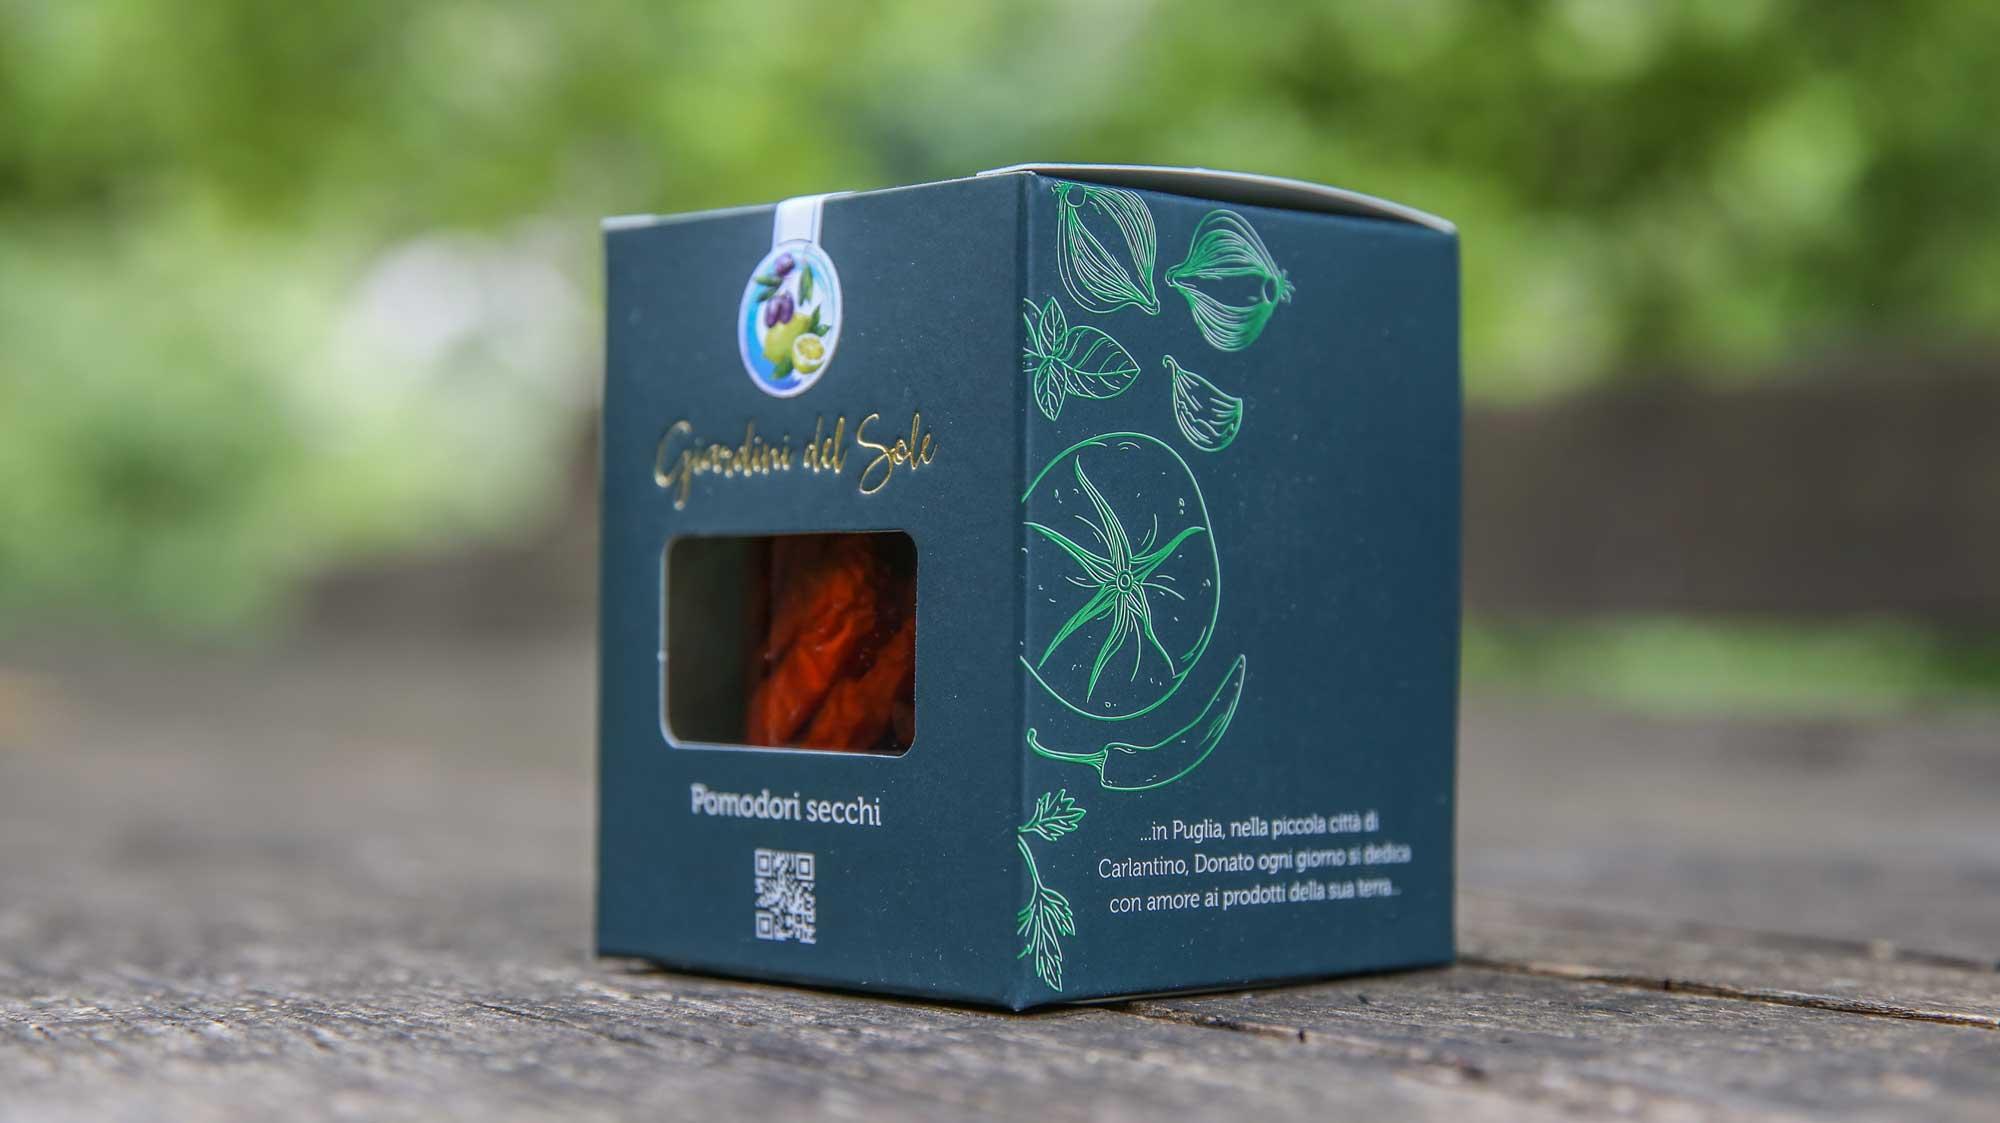 giardini-del-solo-prodotti-scatola-3